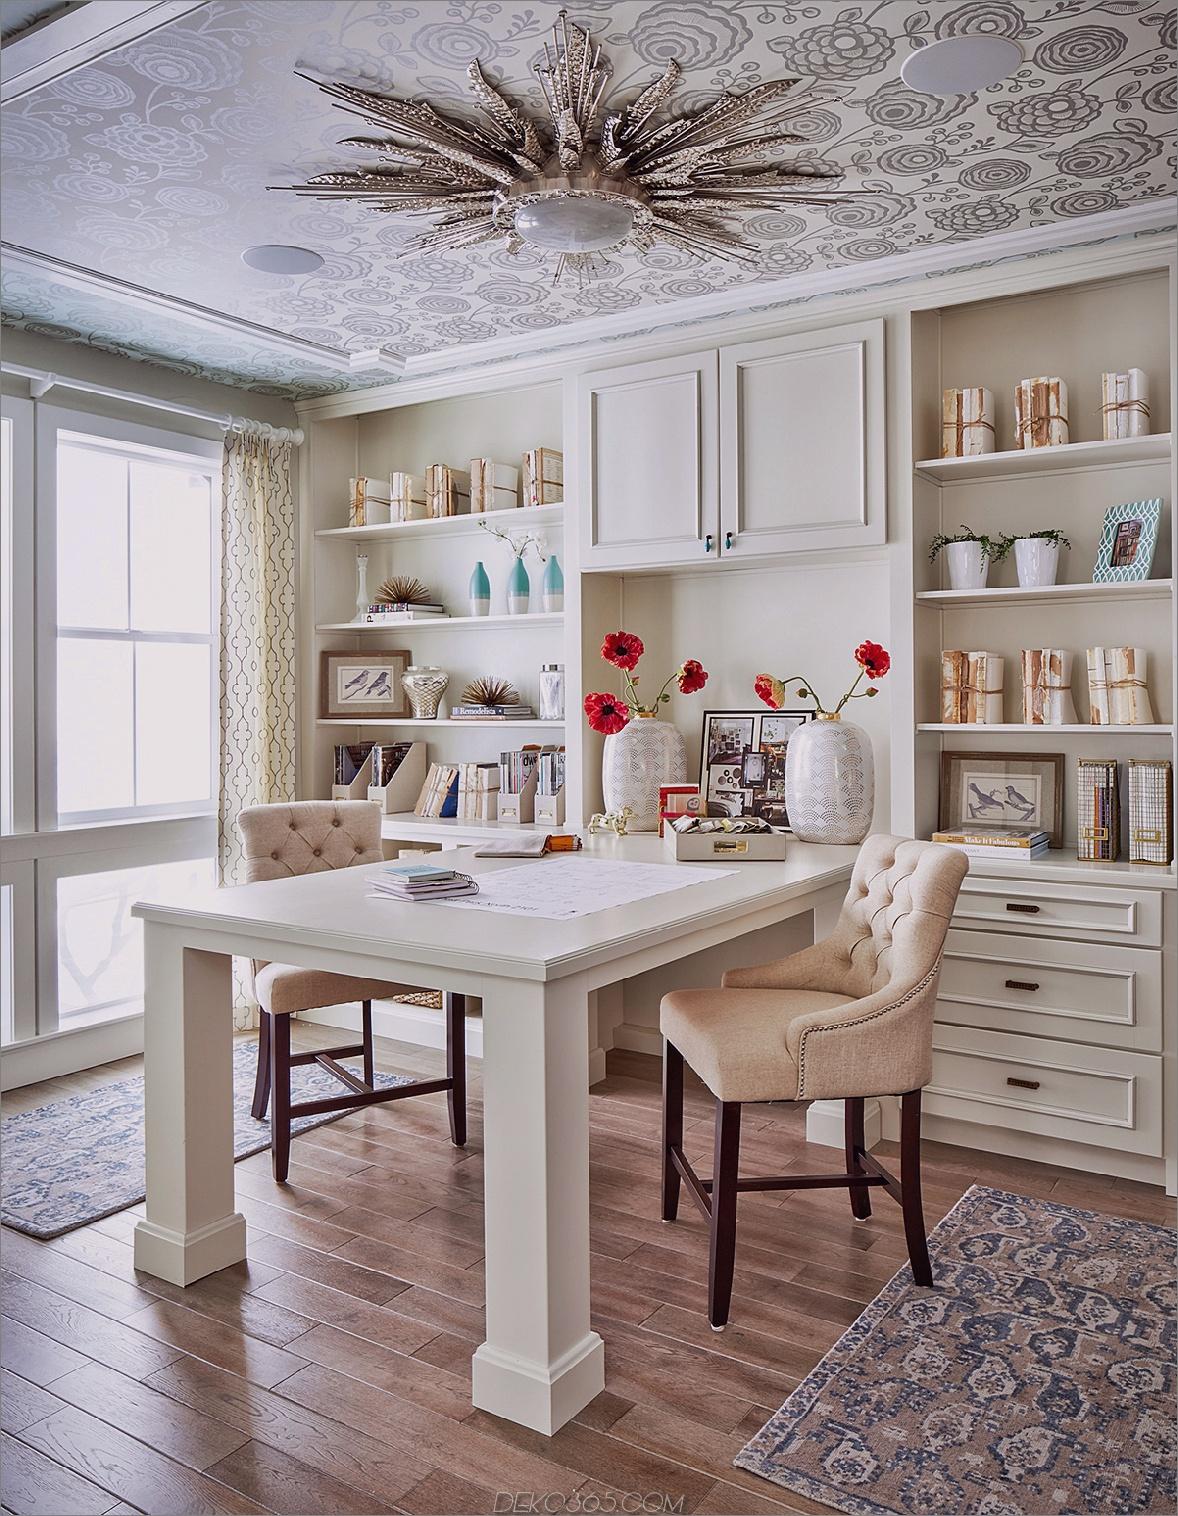 Benutzerdefinierter Home-Office-Tisch Beeindruckende Home Offices, die Sie produktiver machen möchten